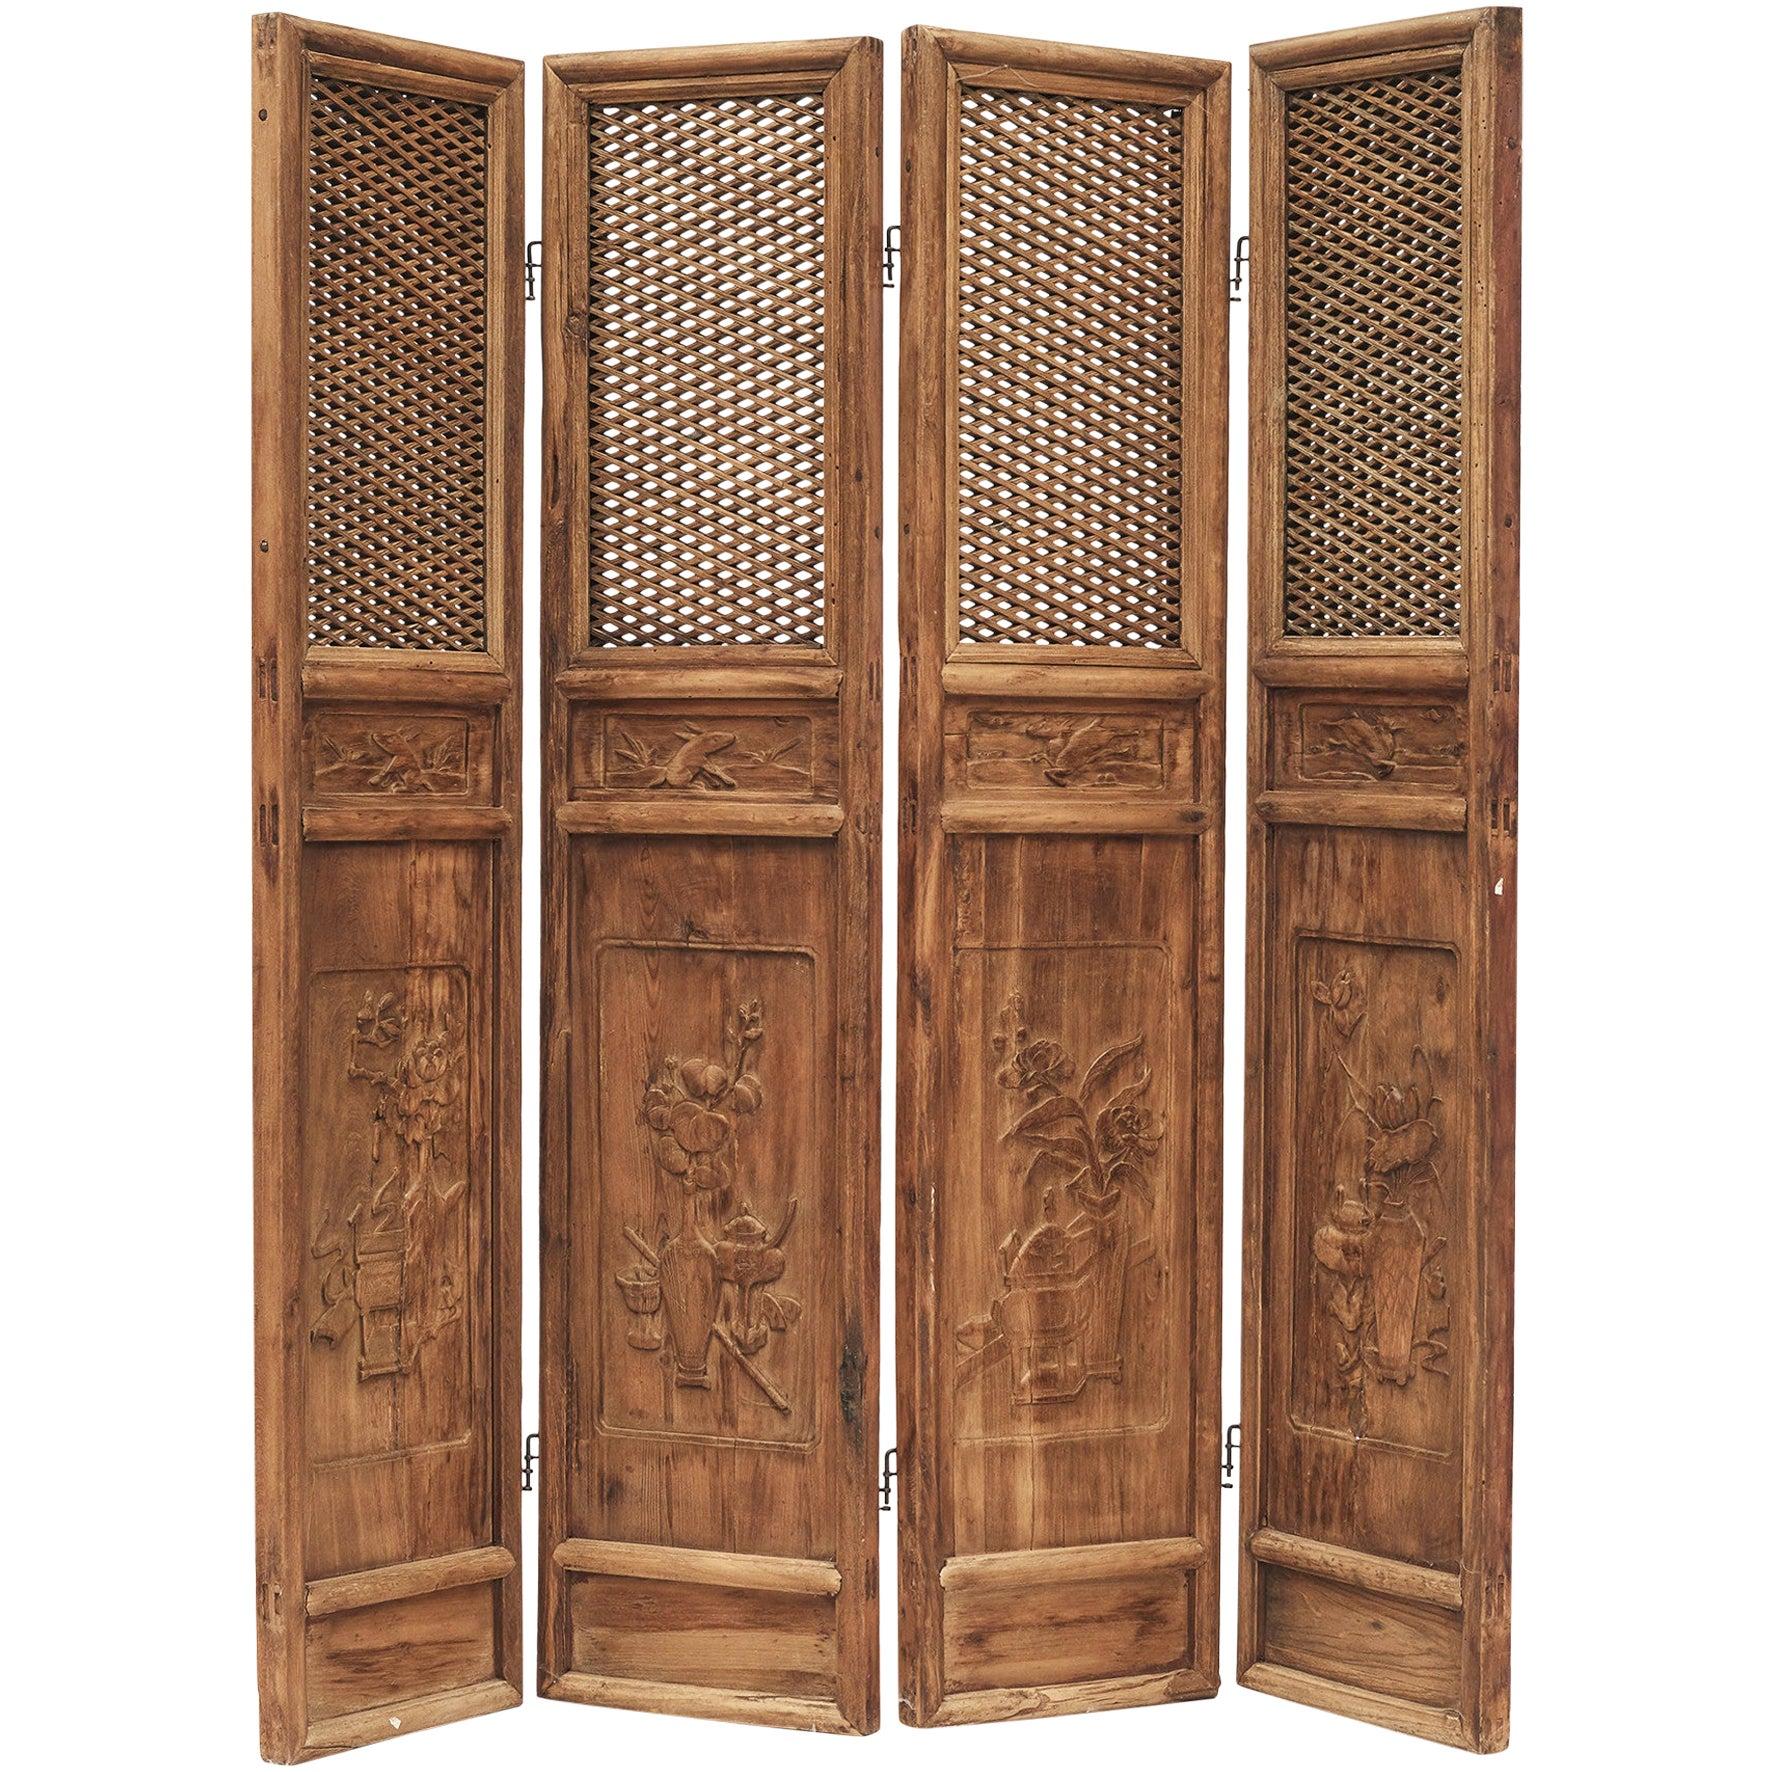 Set of Four Chinese Lattice Panels